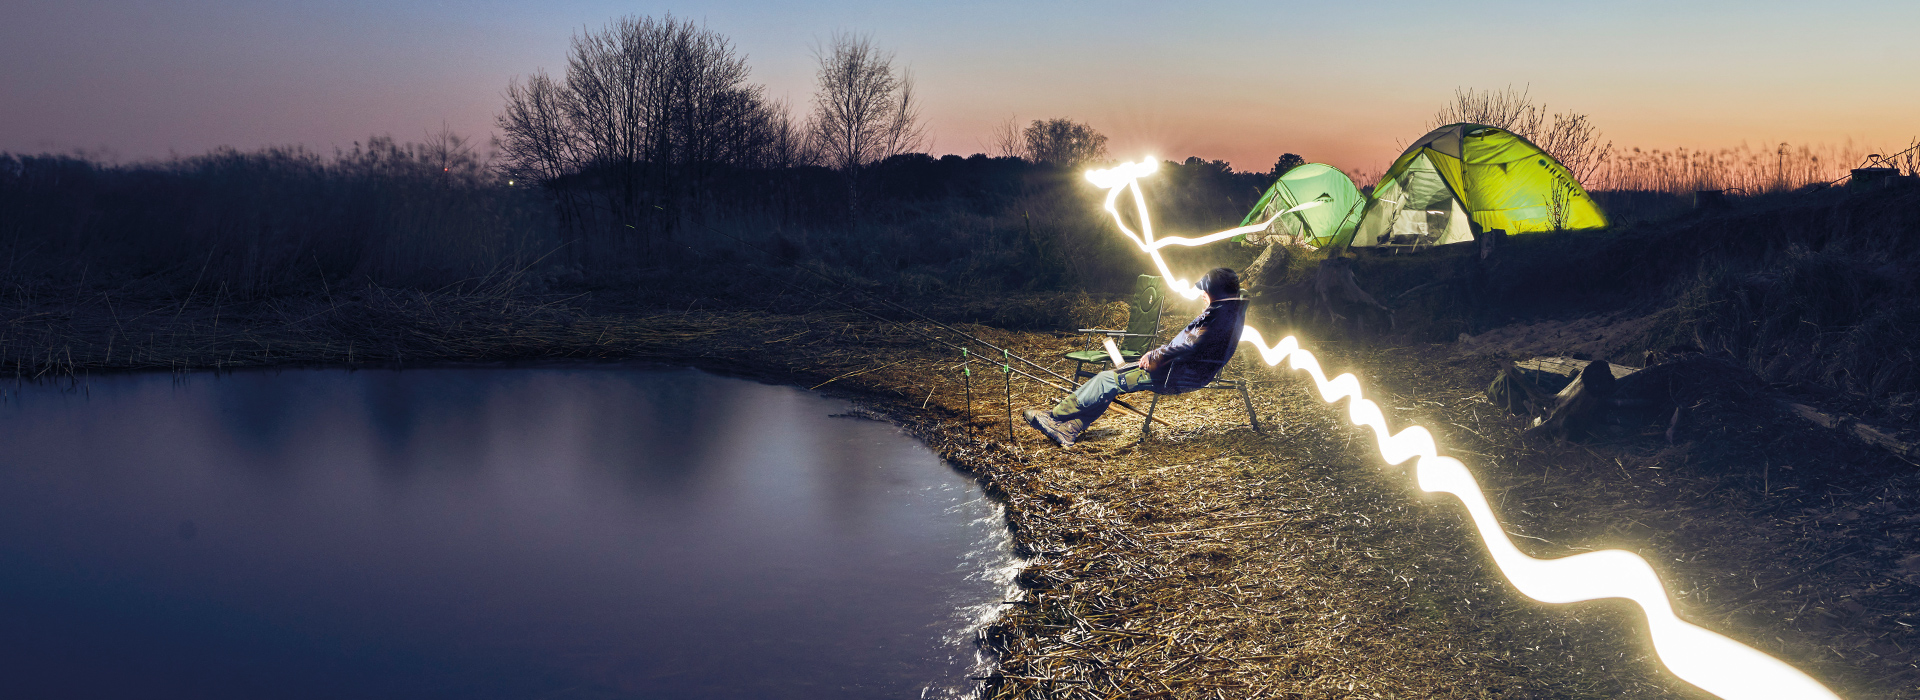 Deeper Power LanternLighten up your outdoor experience